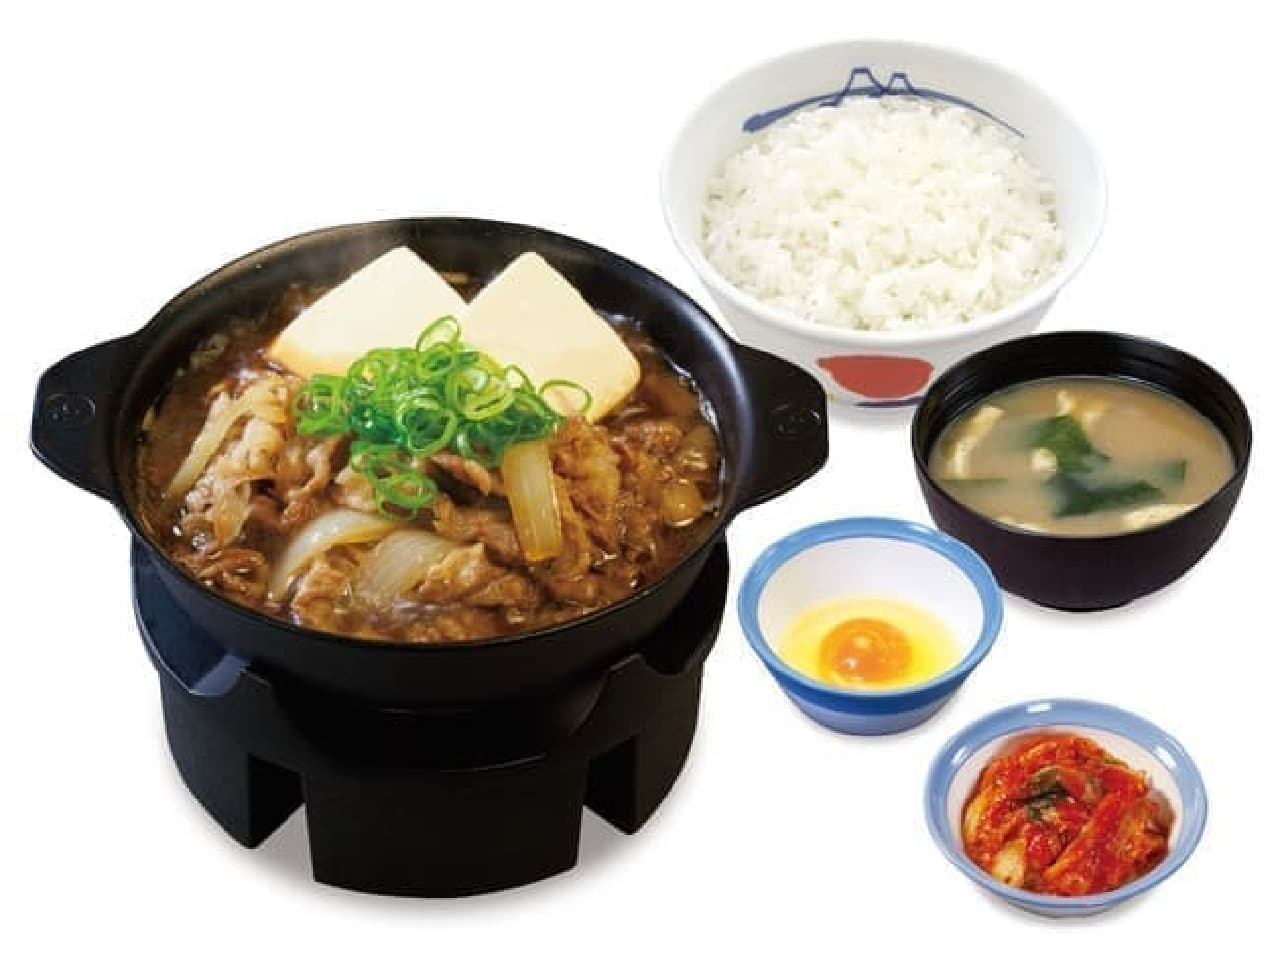 松屋「お肉たっぷり牛鍋膳」と肉量1.5倍の「お肉どっさり牛鍋膳」